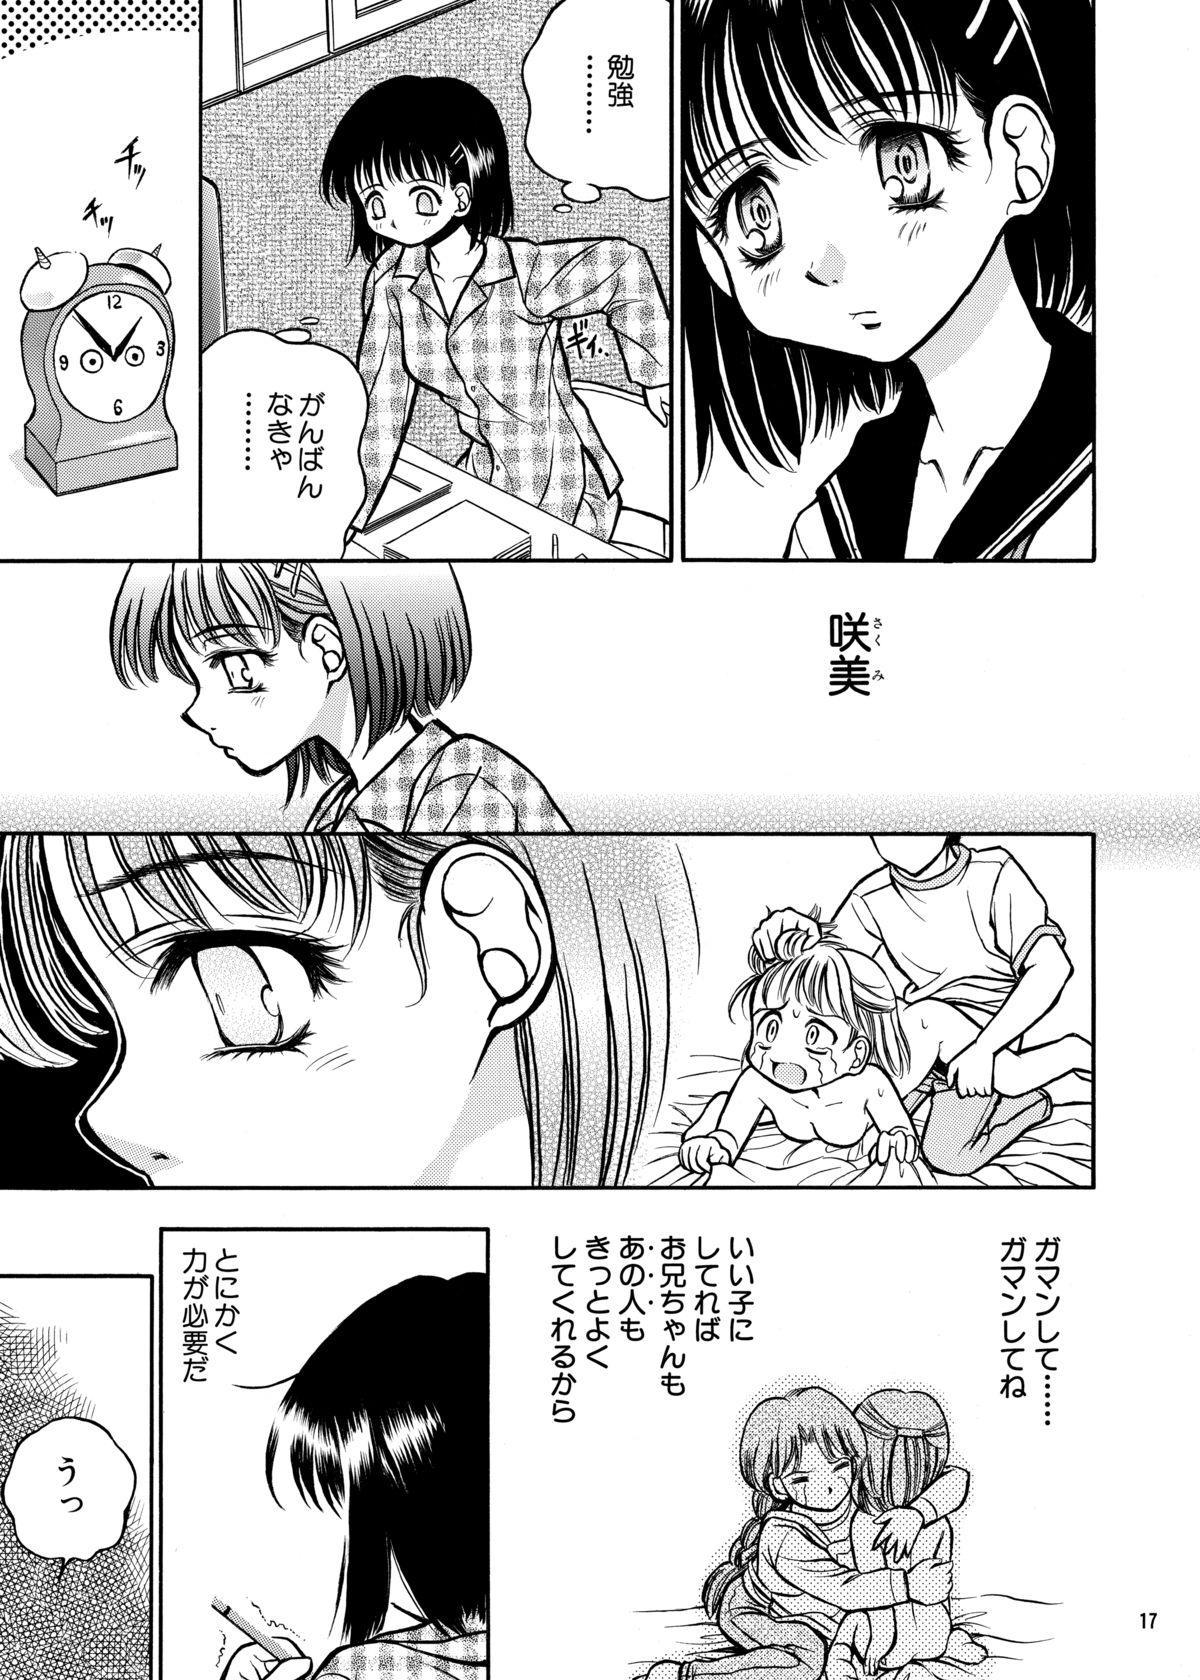 ココロノママニ 厩戸王子商業作品再録本 15